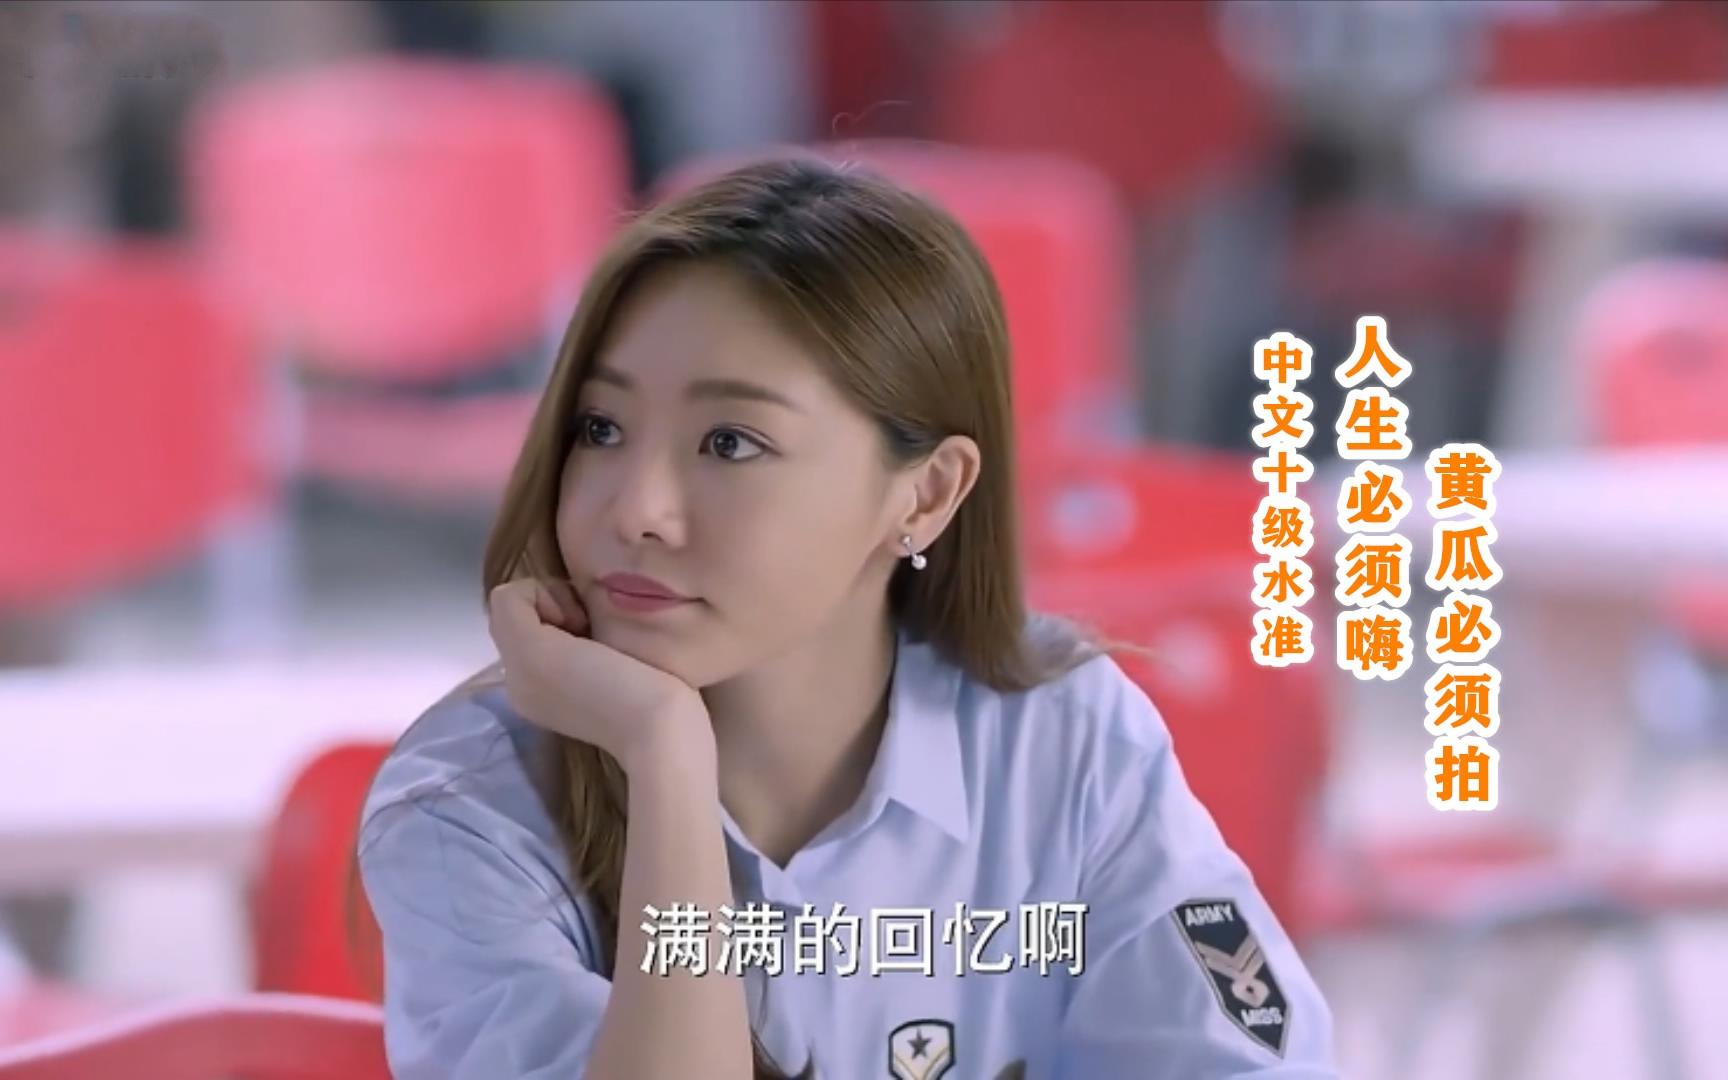 中文十级高能互怼,吵架也是一门学问,影视中火药味十足的吵架现场